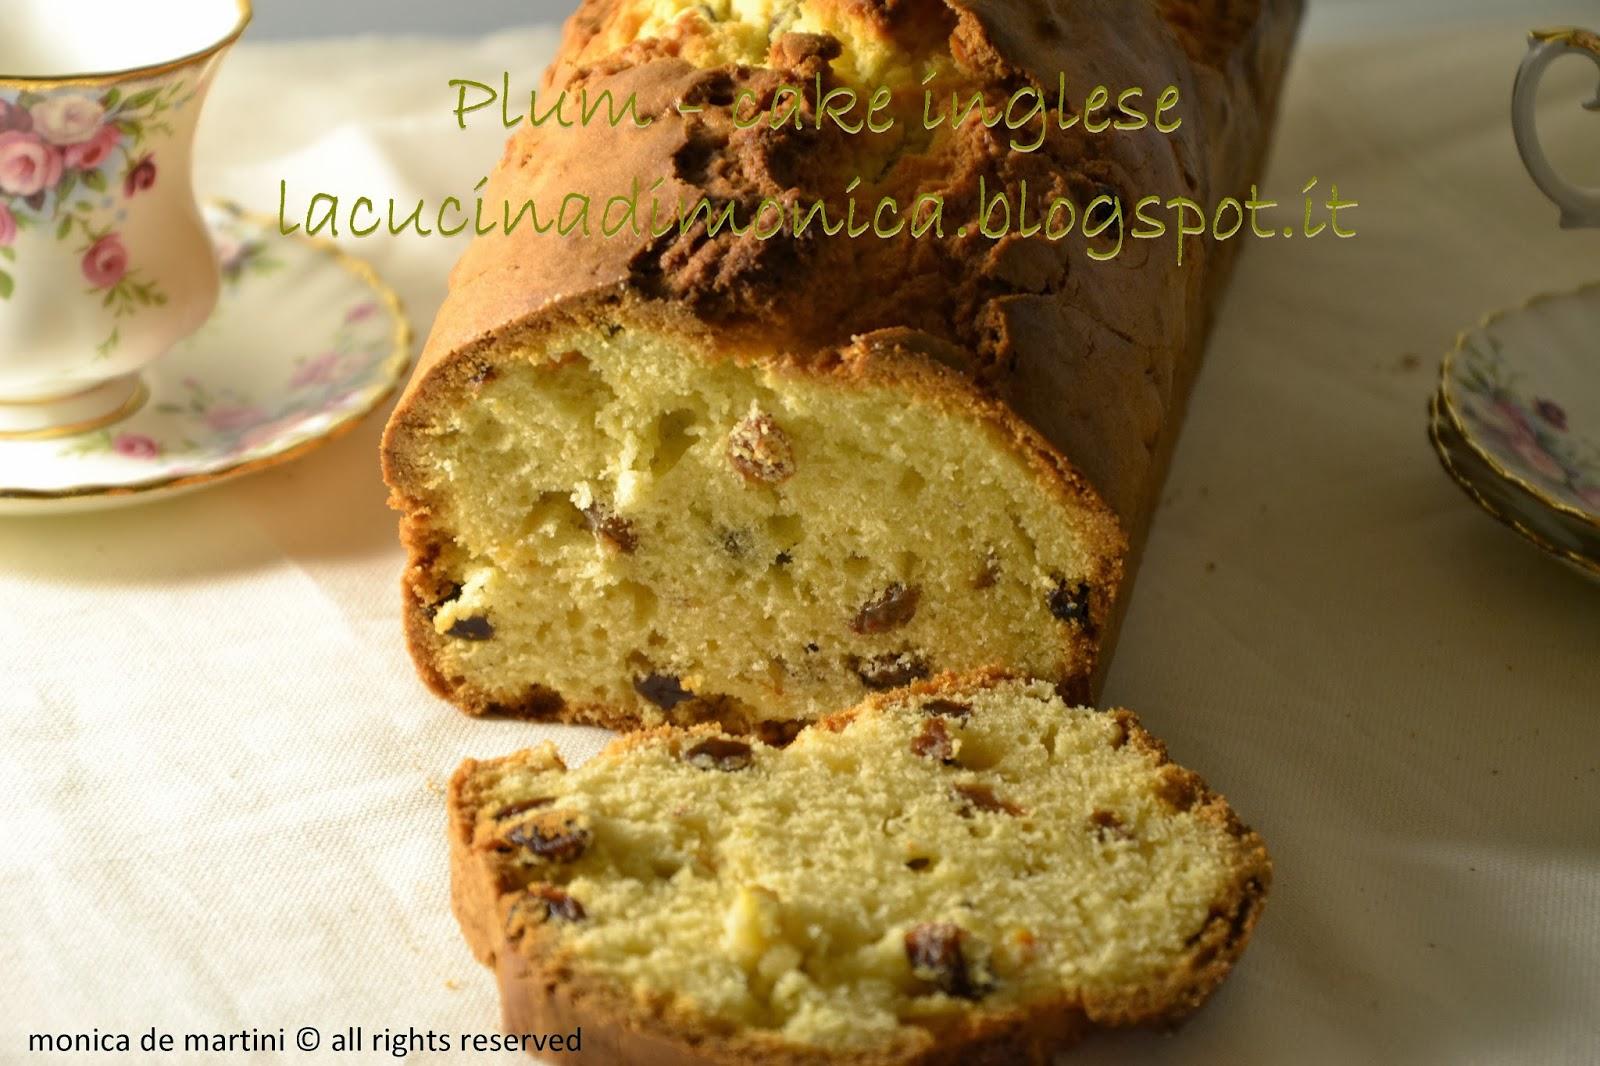 plum - cake